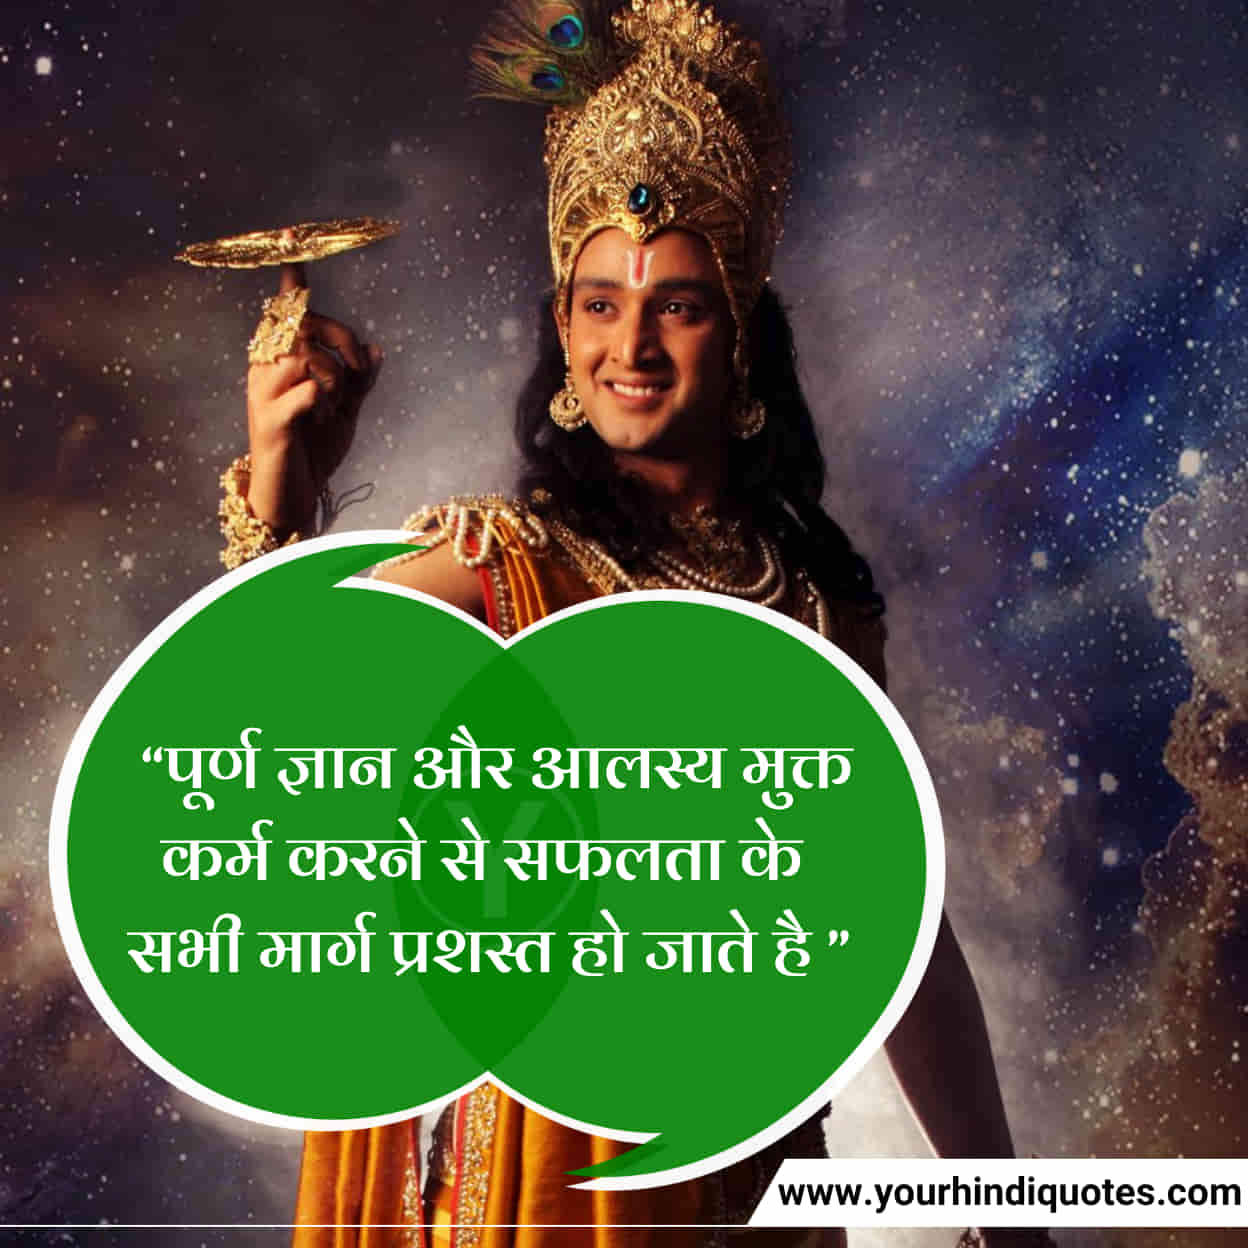 Bhagwat Gita Success Quotes In Hindi